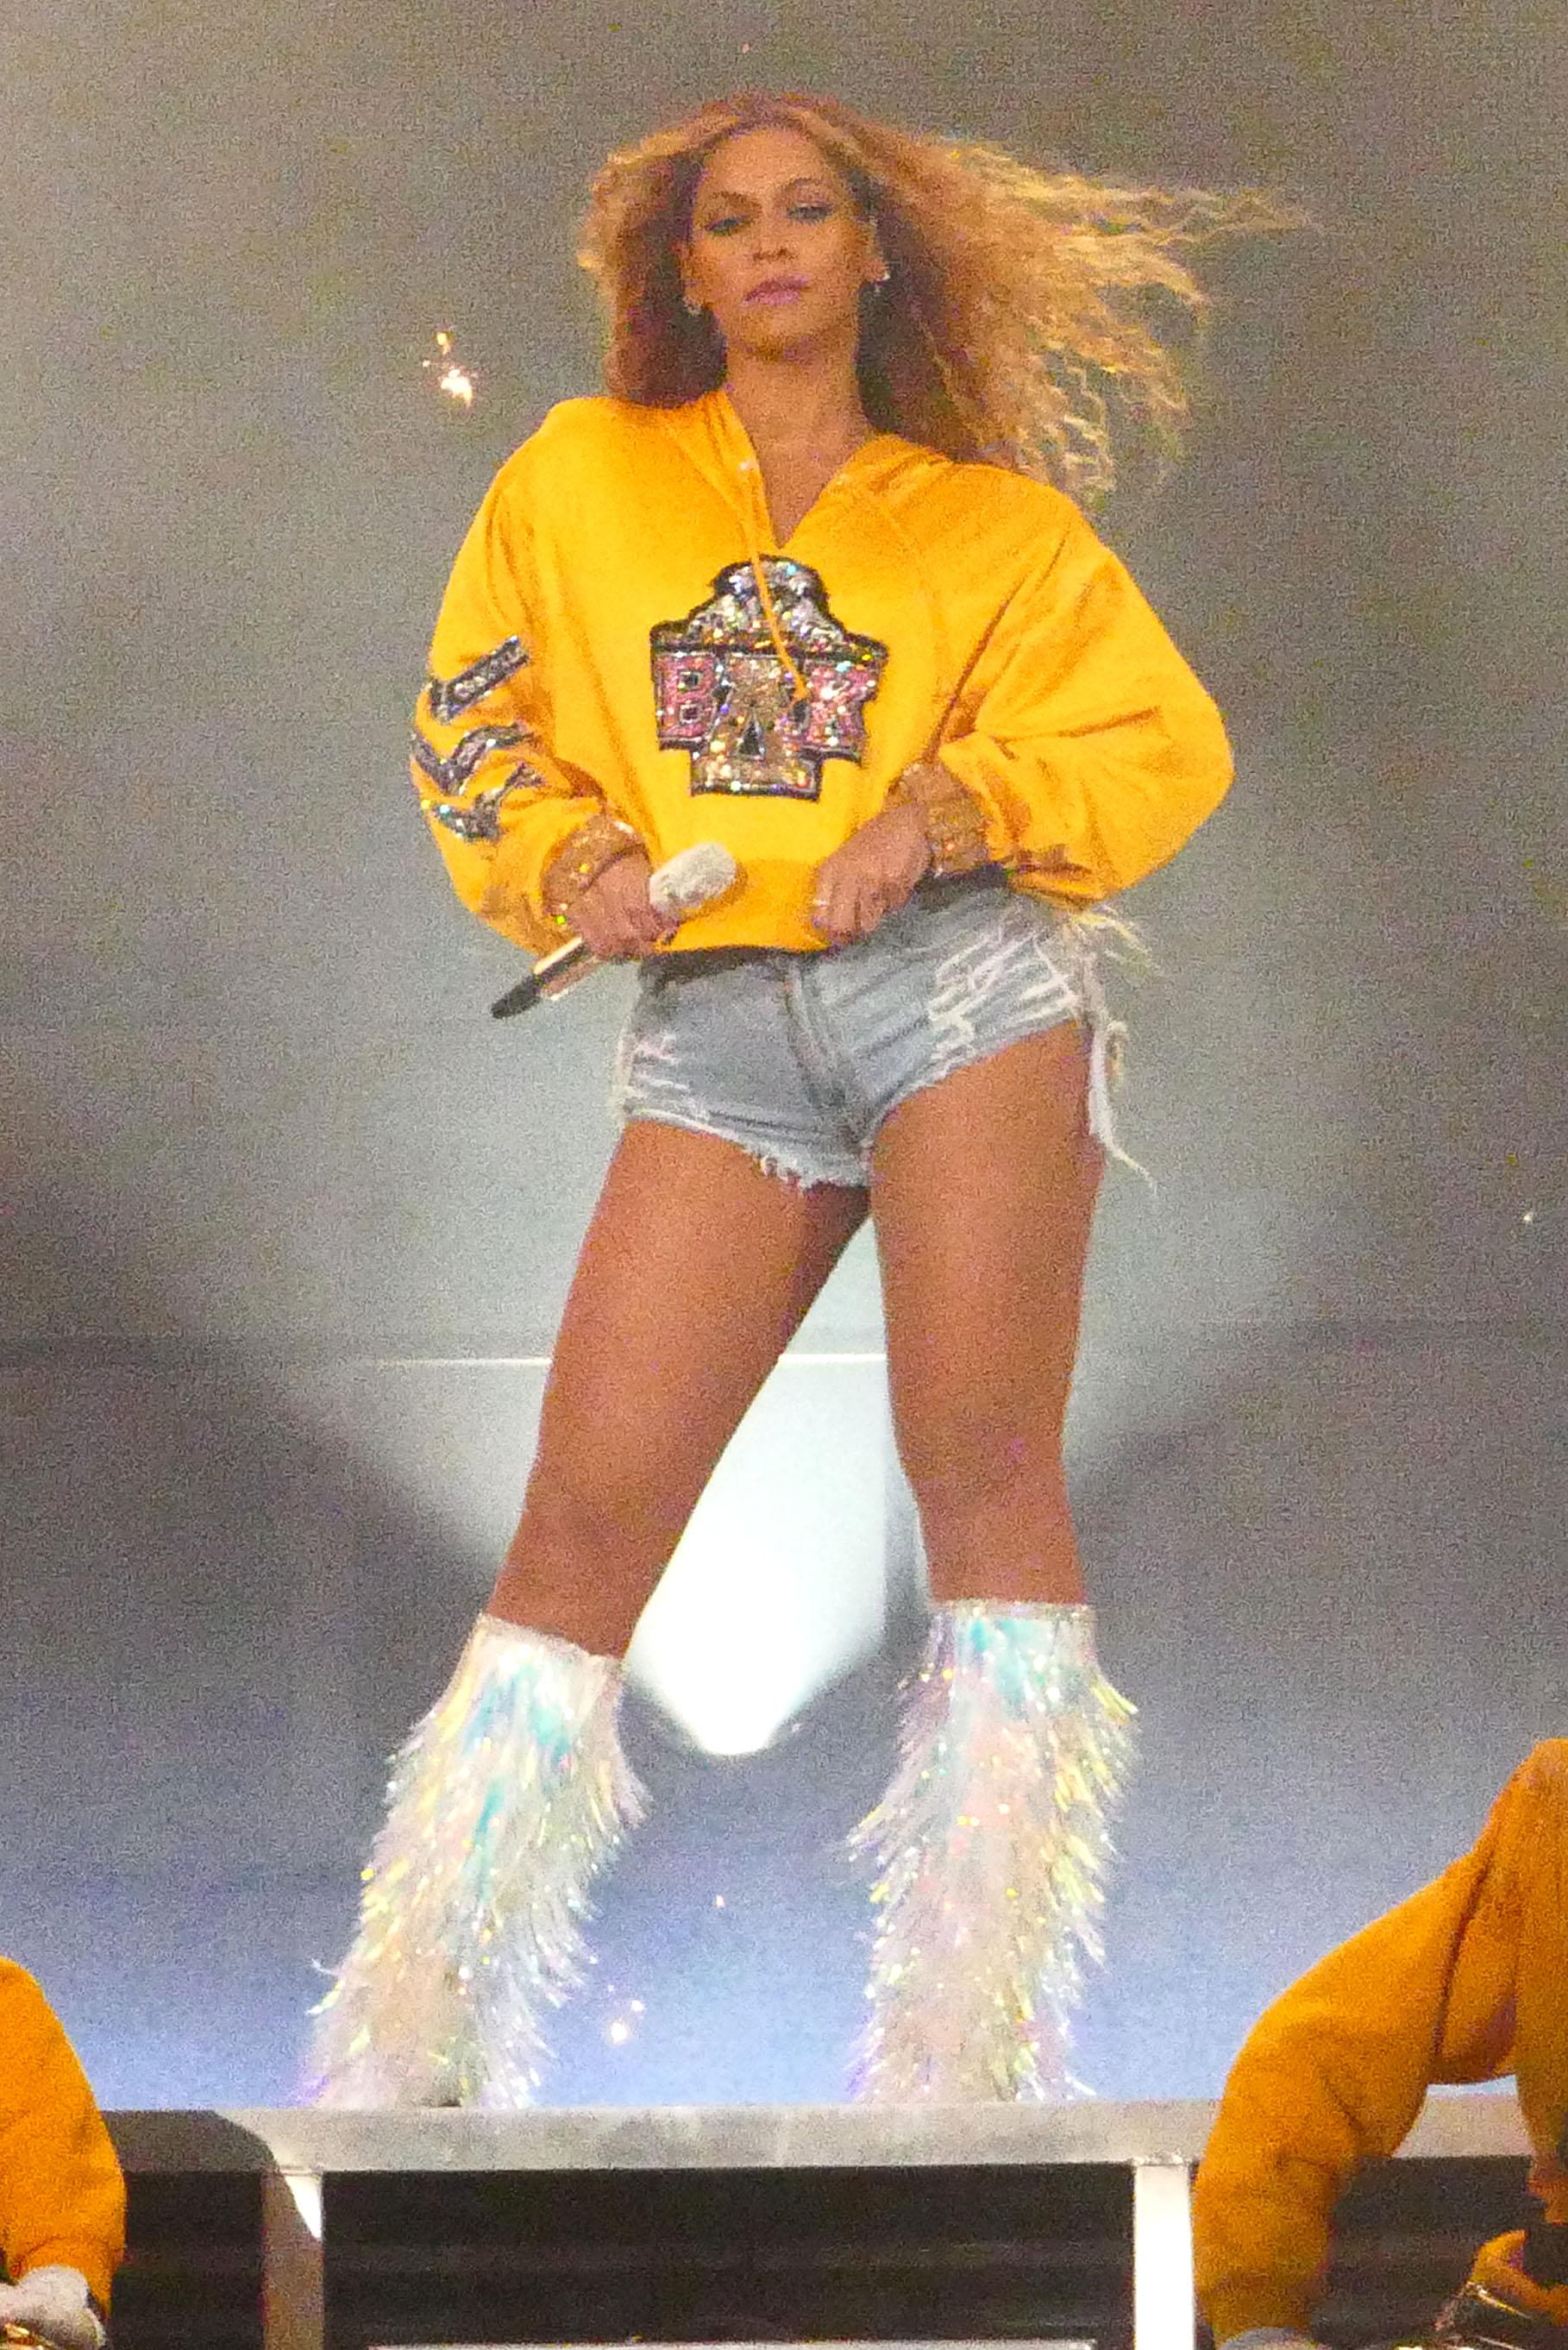 Πώς έγινε το μακιγιάζ της Beyonce για το Coachella! Από τον προσωπικό της makeup artist!